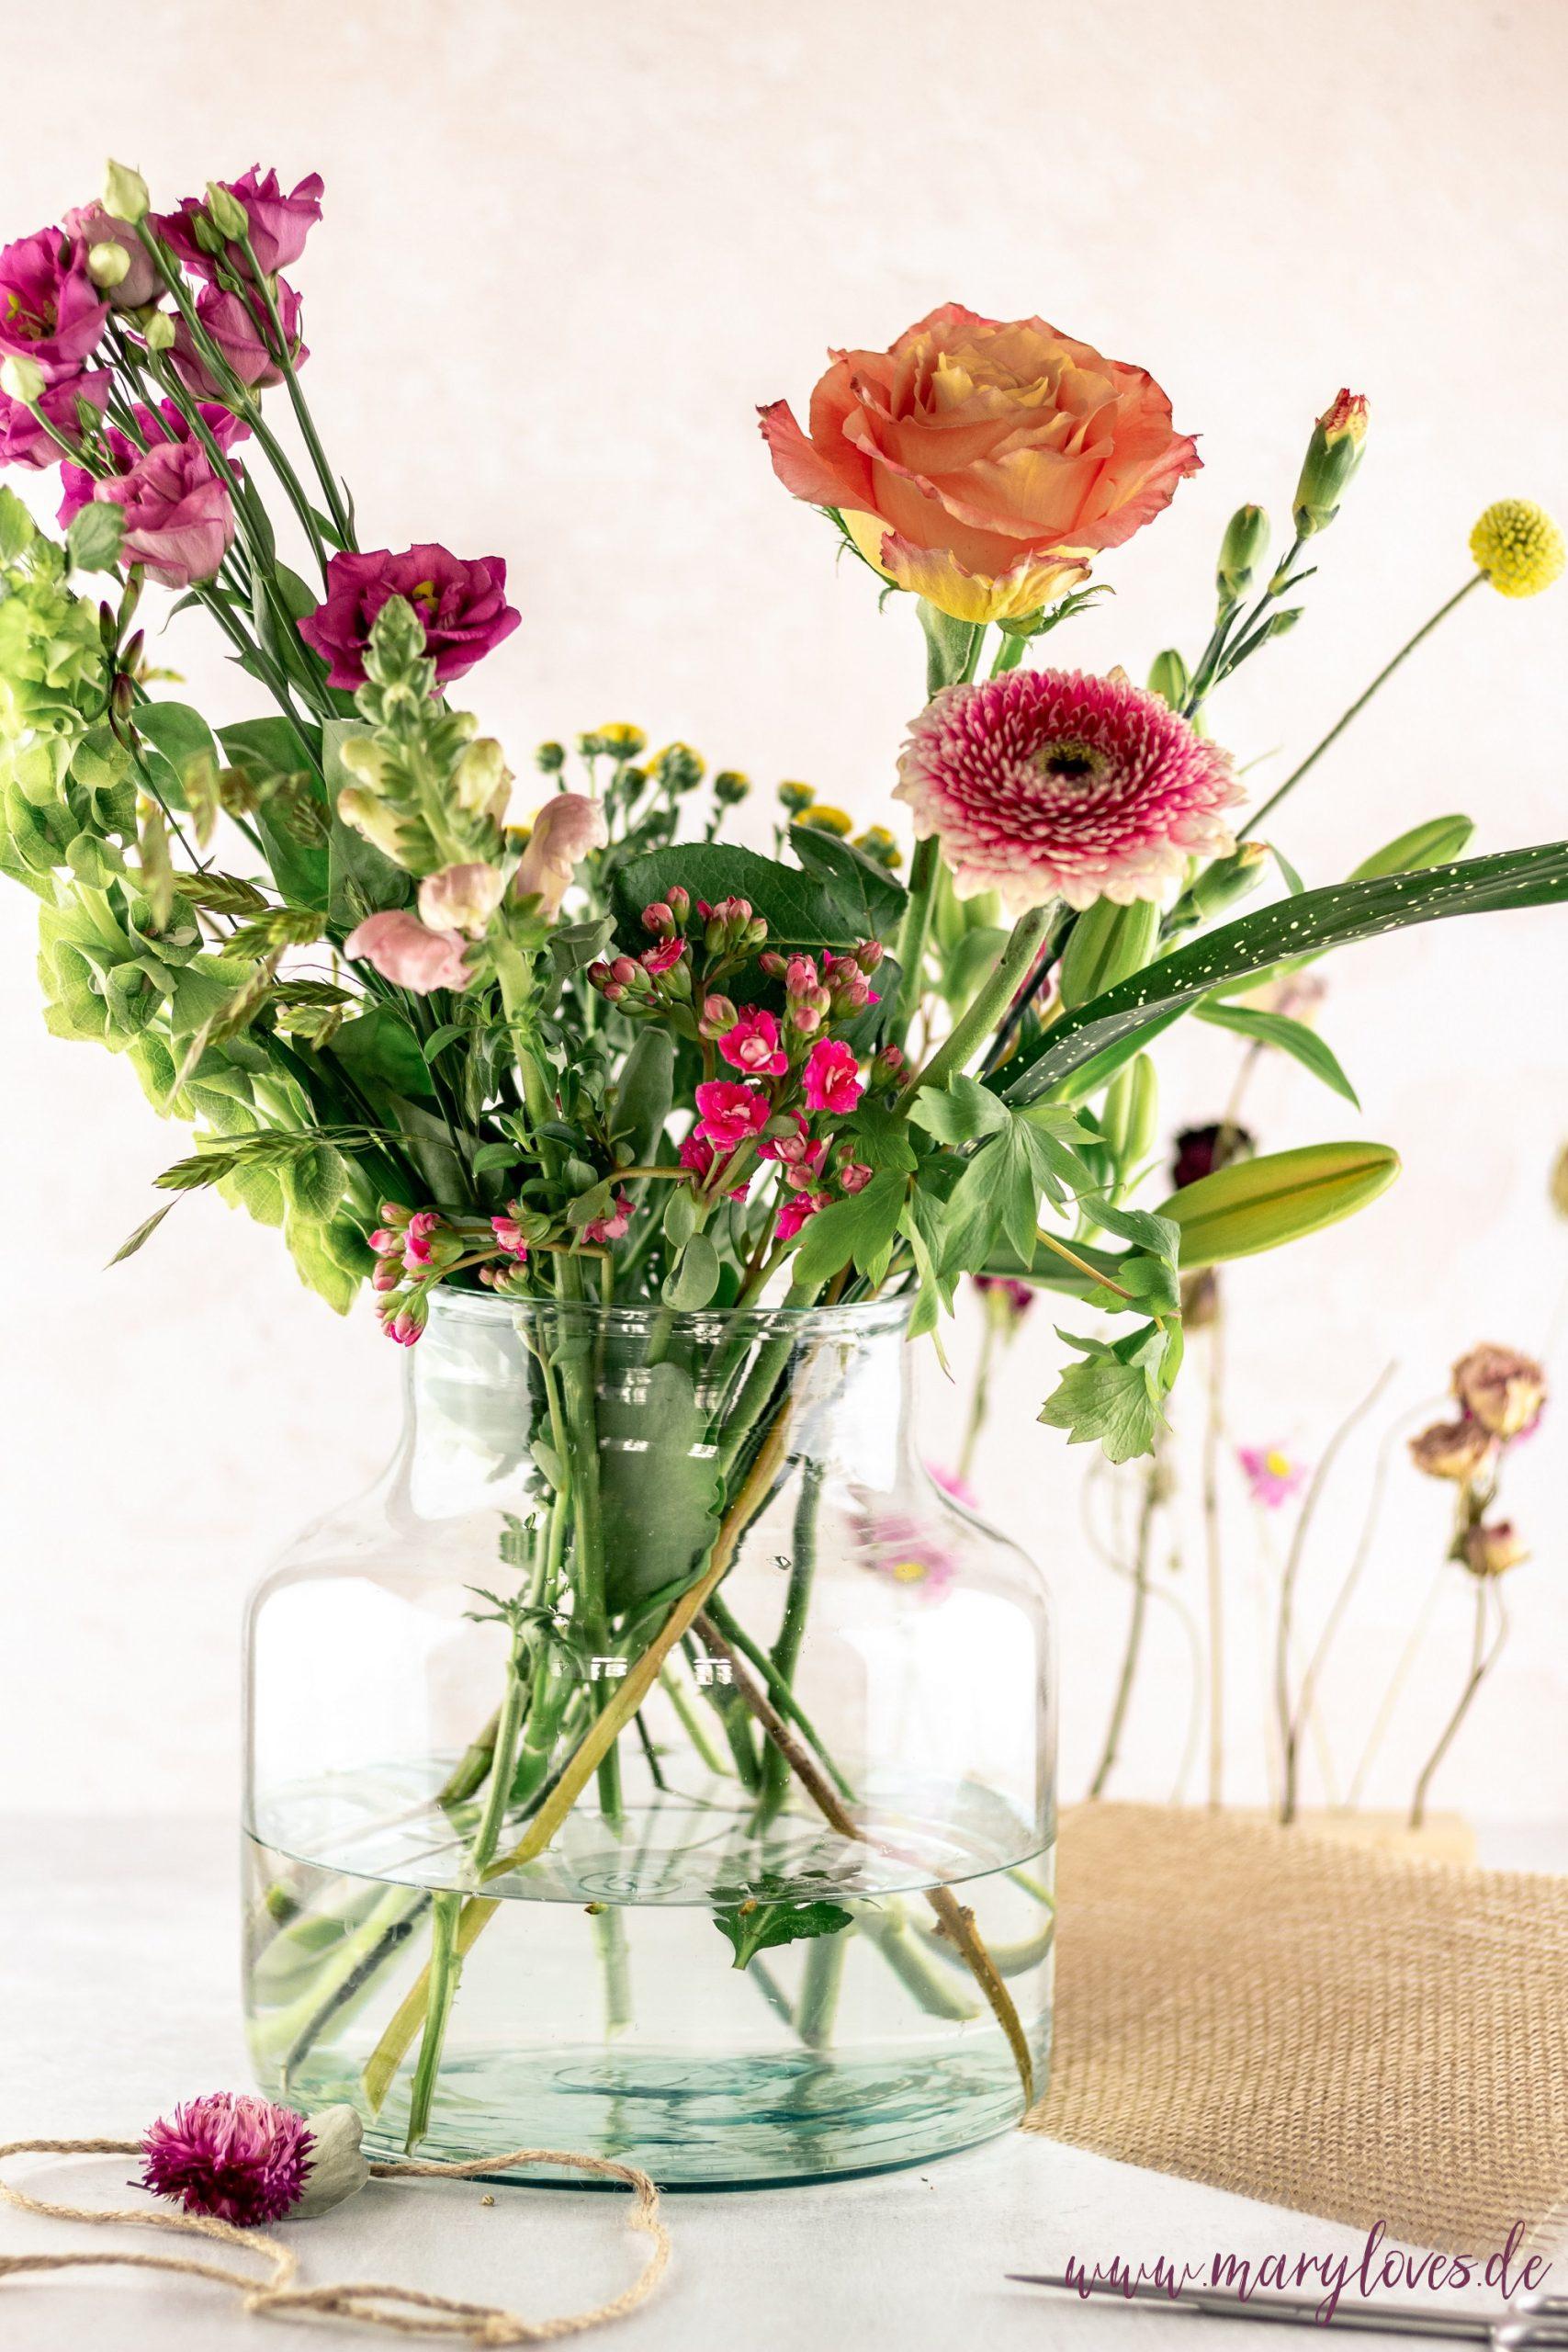 Frische Blumen von bloomon zum Muttertag